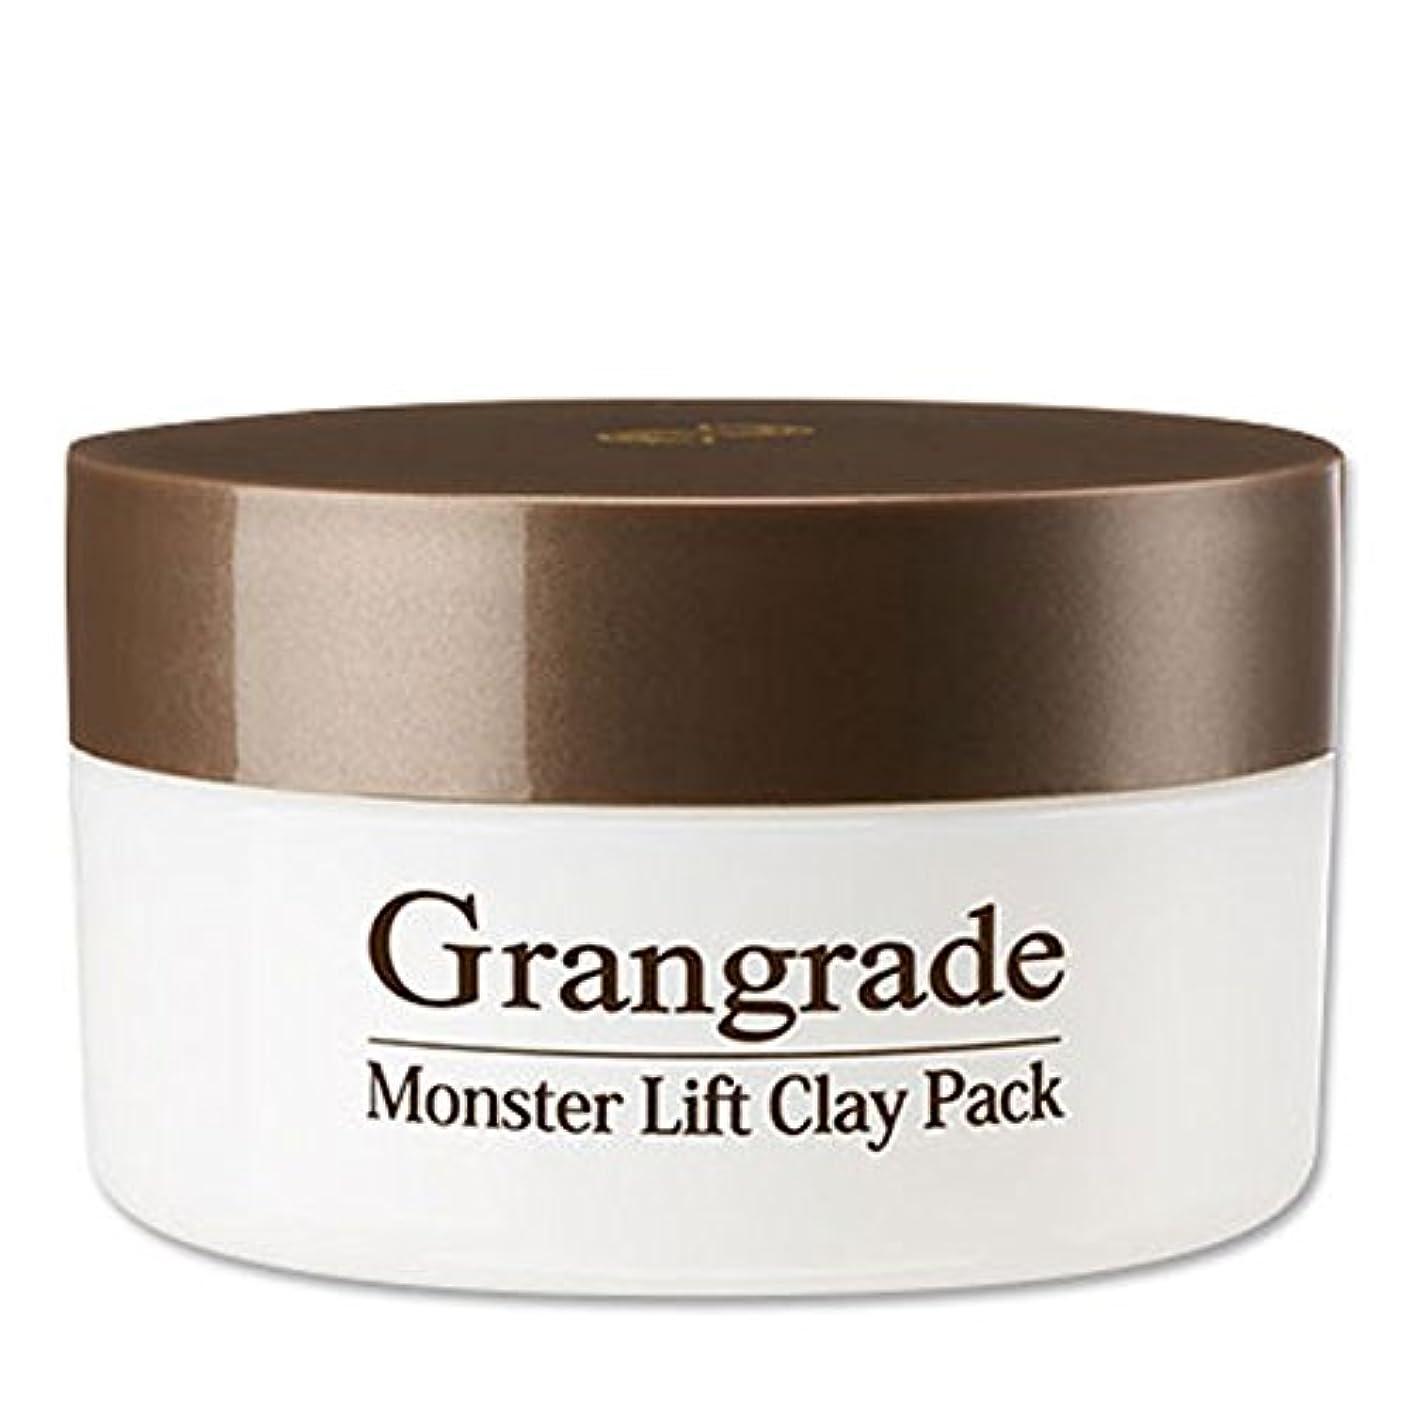 生じるしかしながら位置づけるGrangrade グラングレイ モンスターリフトクレイパック